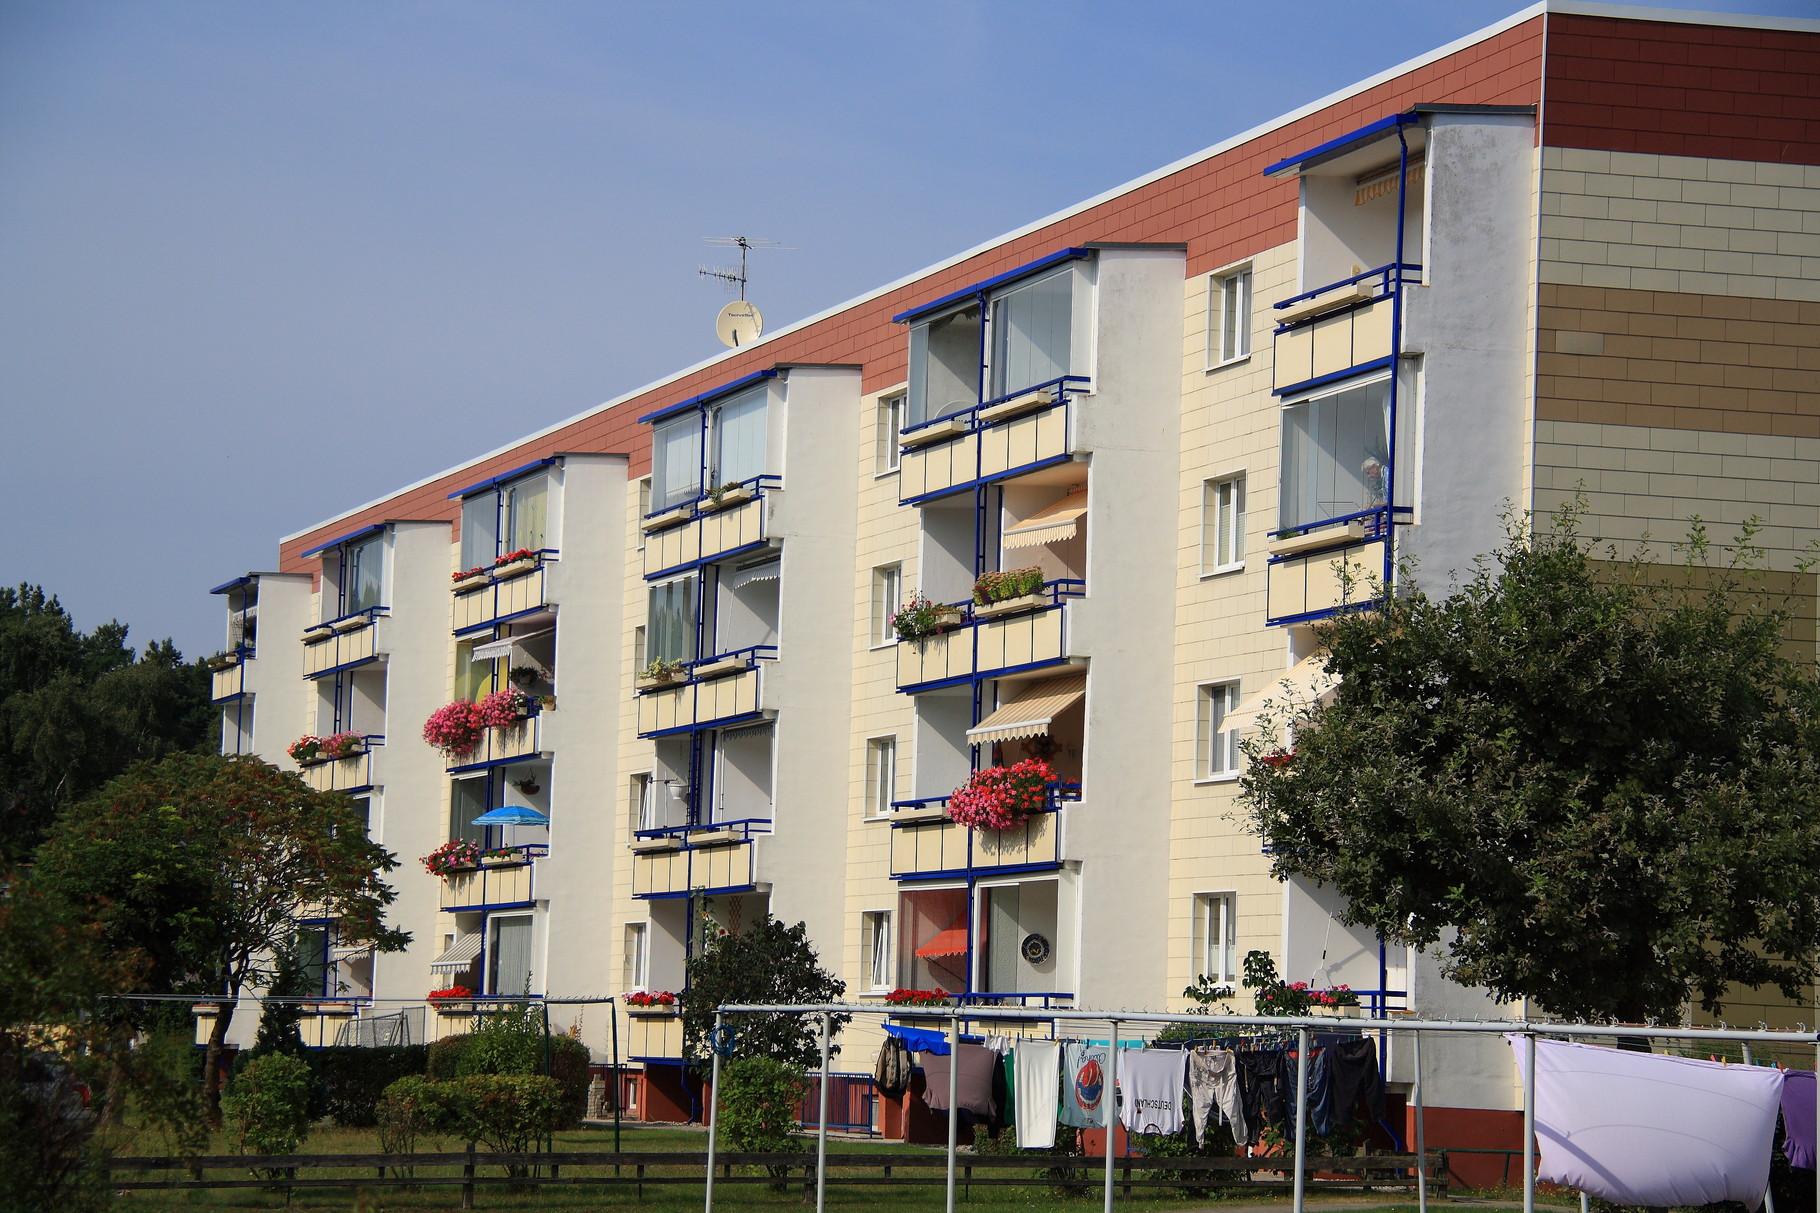 Ostseebad Karlshagen, Wohngebäude Straße der Freundschaft 26-30